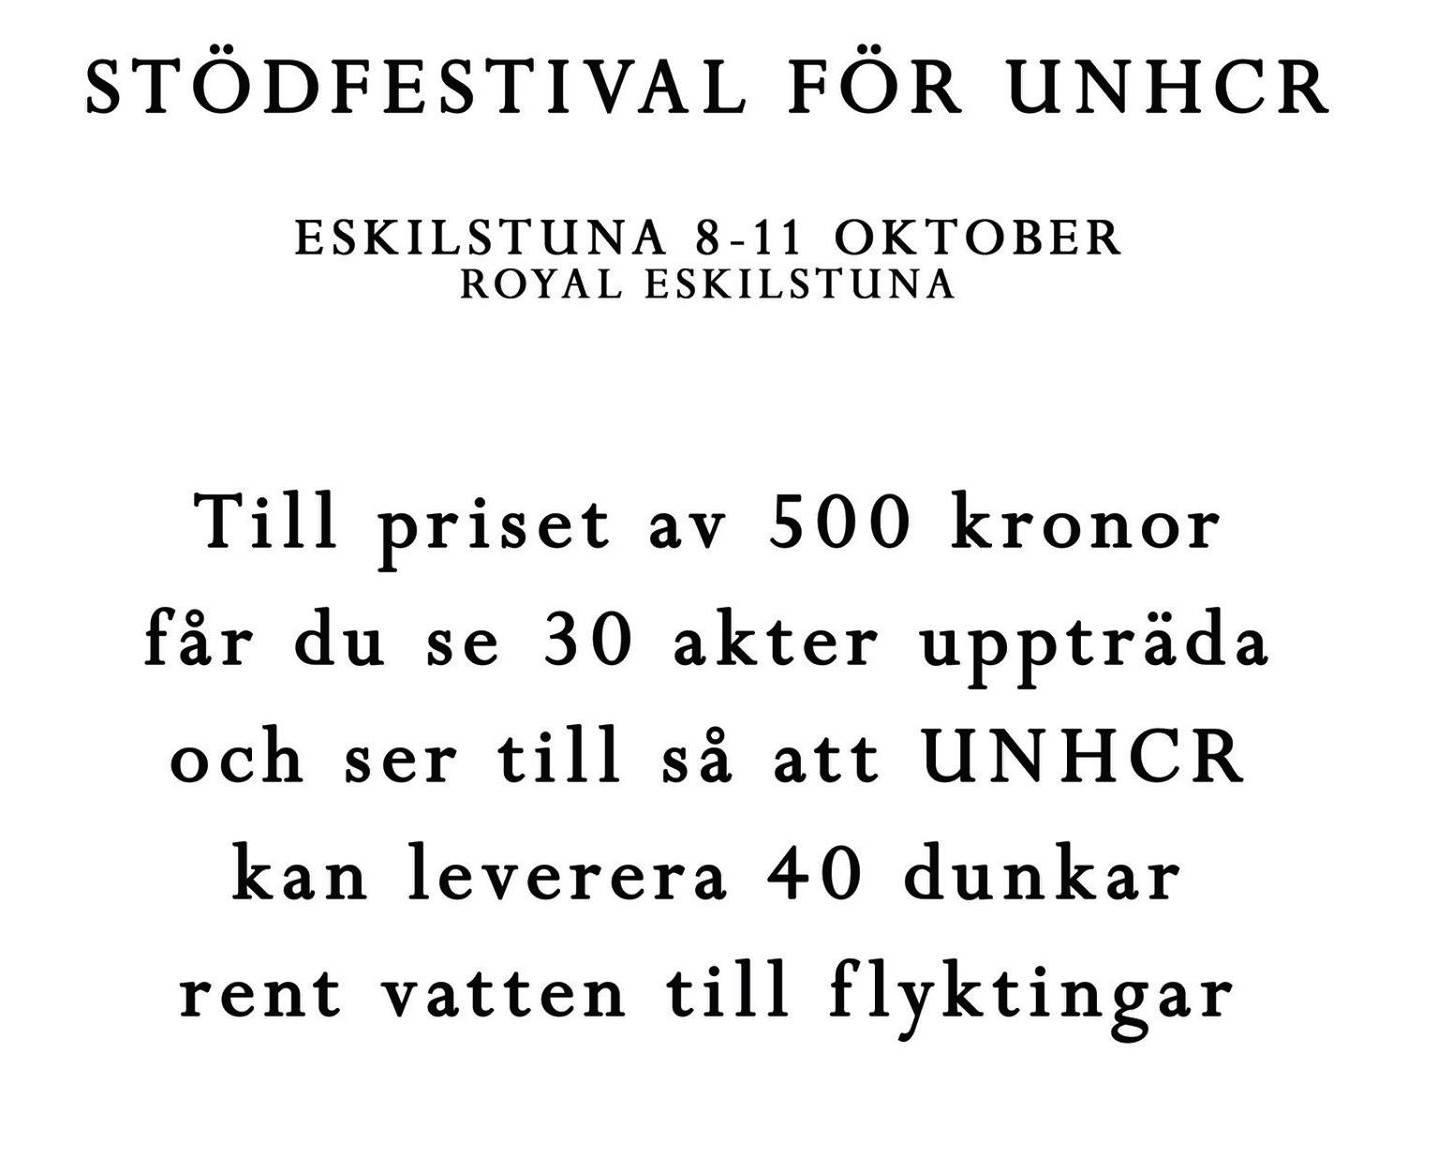 Stödfestival för UNHCR